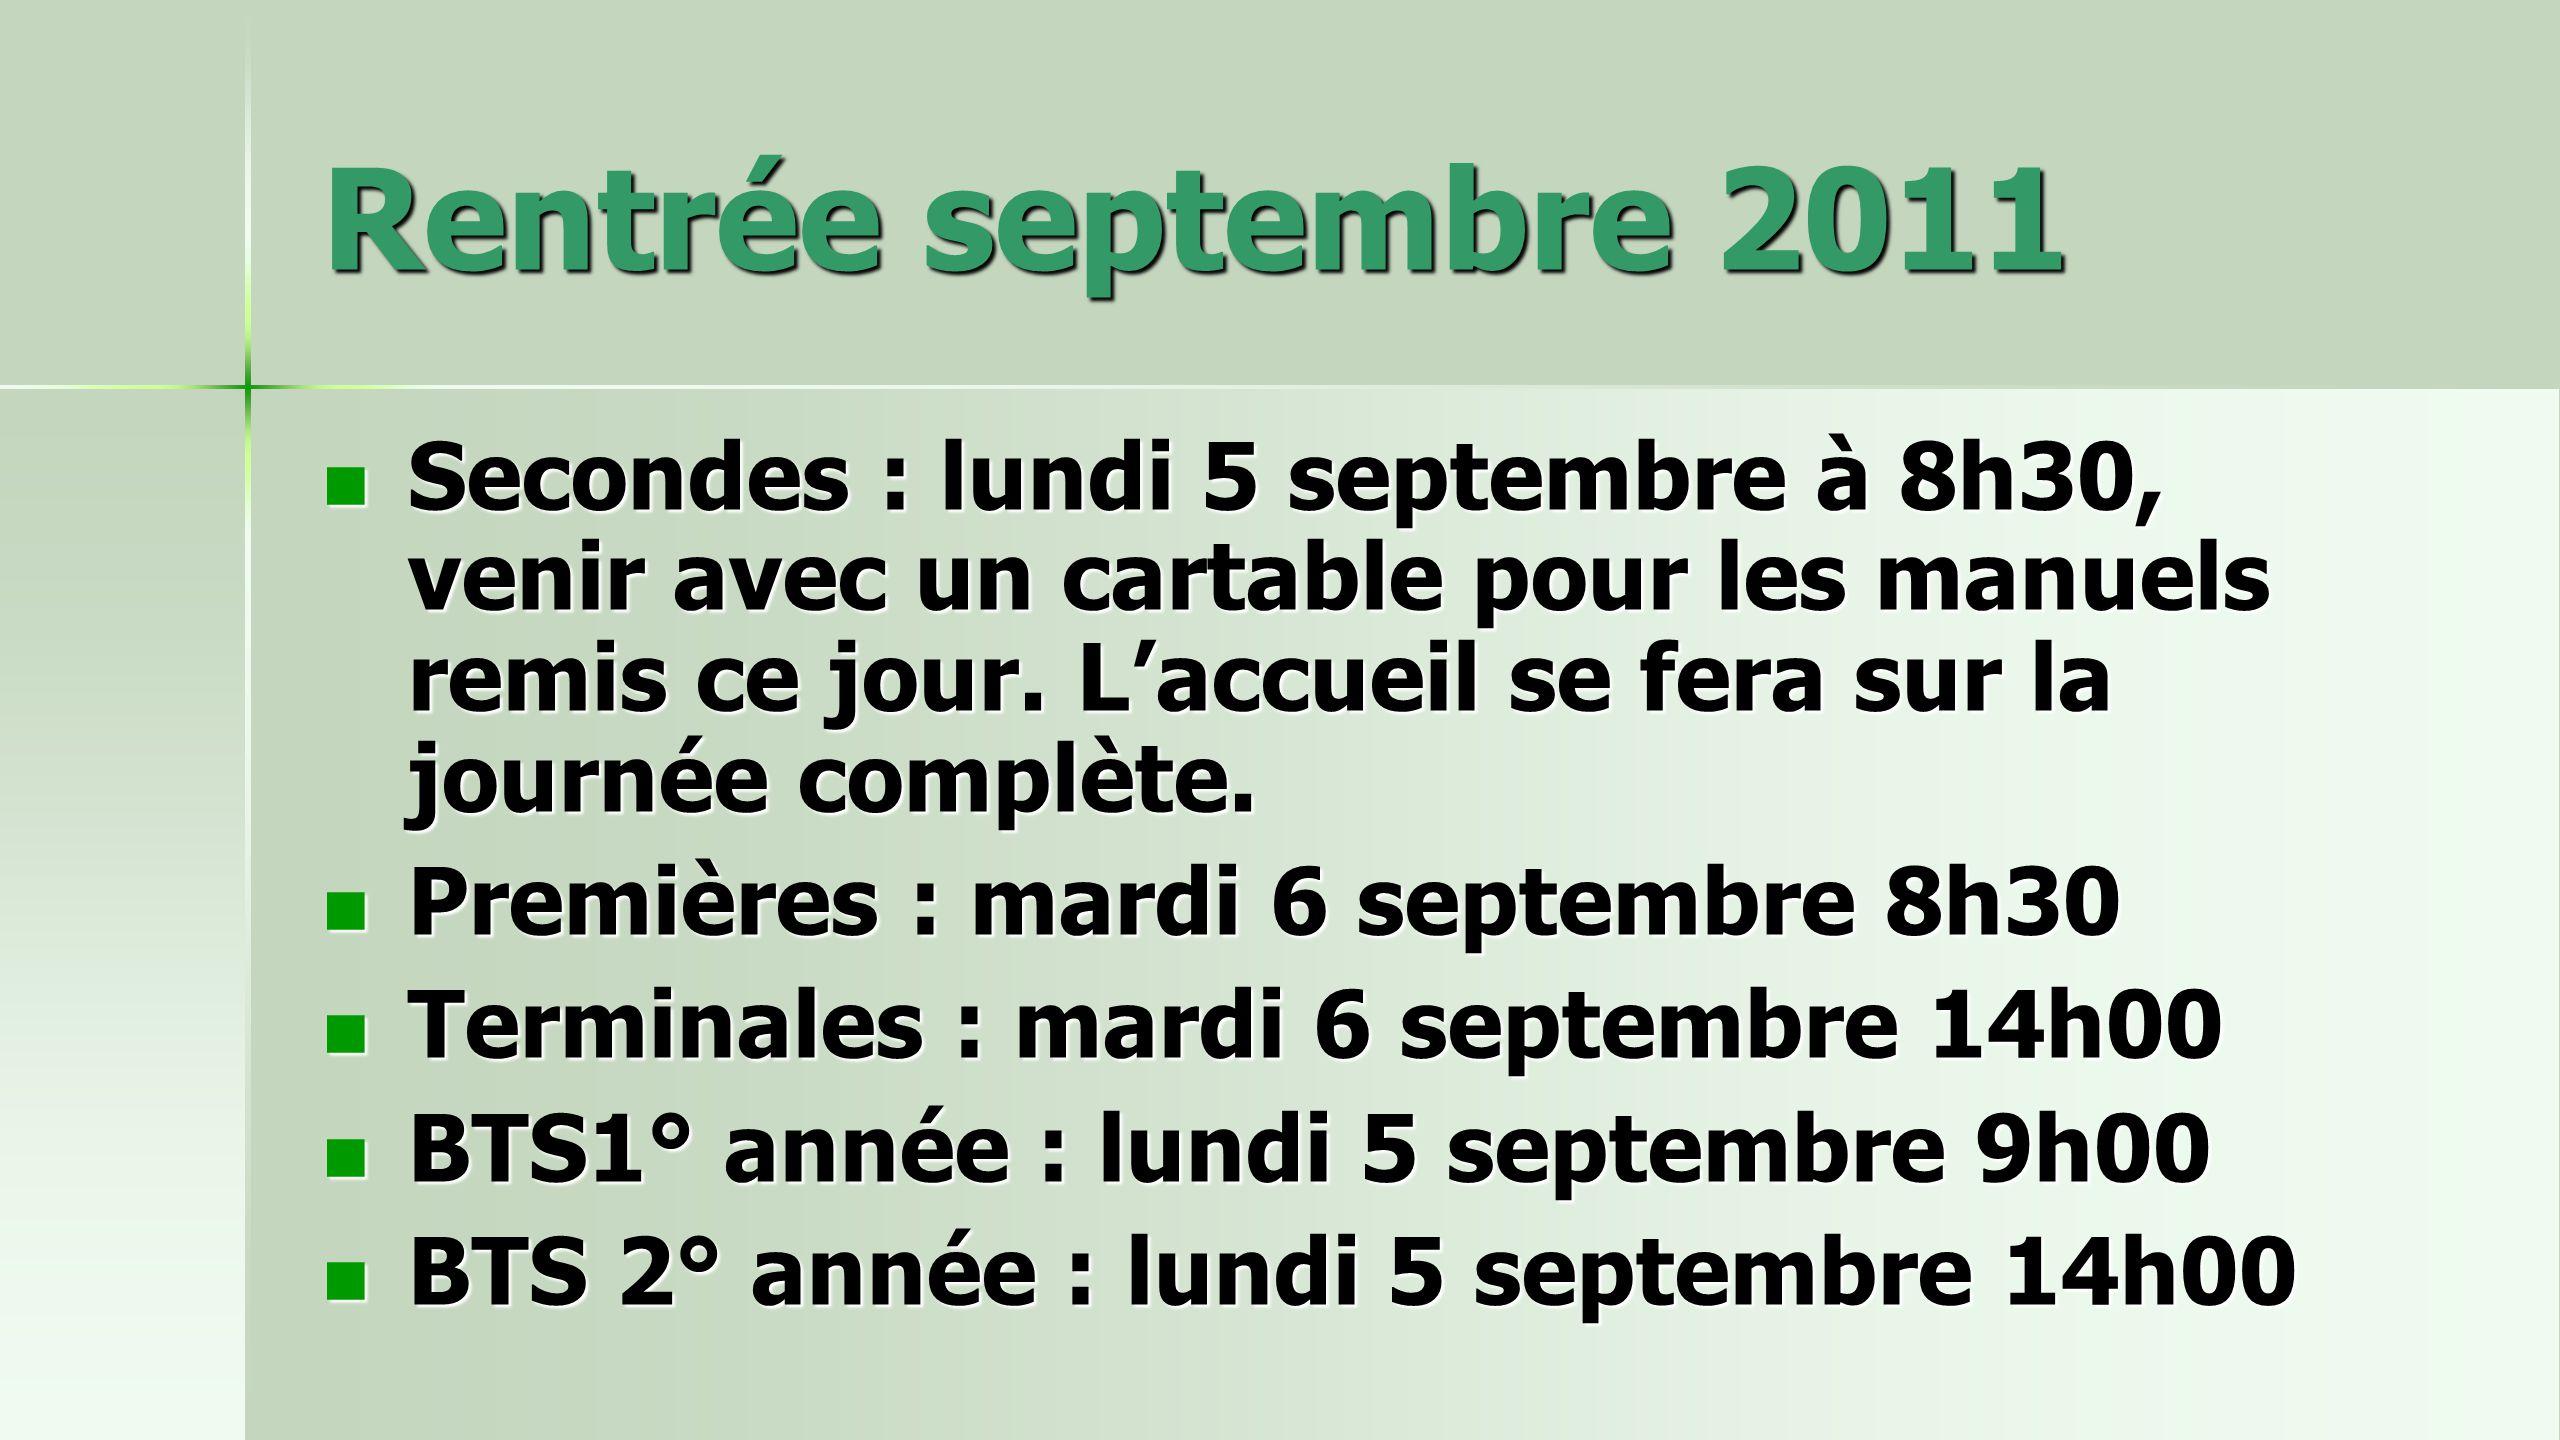 Rentrée septembre 2011 Secondes : lundi 5 septembre à 8h30, venir avec un cartable pour les manuels remis ce jour. L'accueil se fera sur la journée co